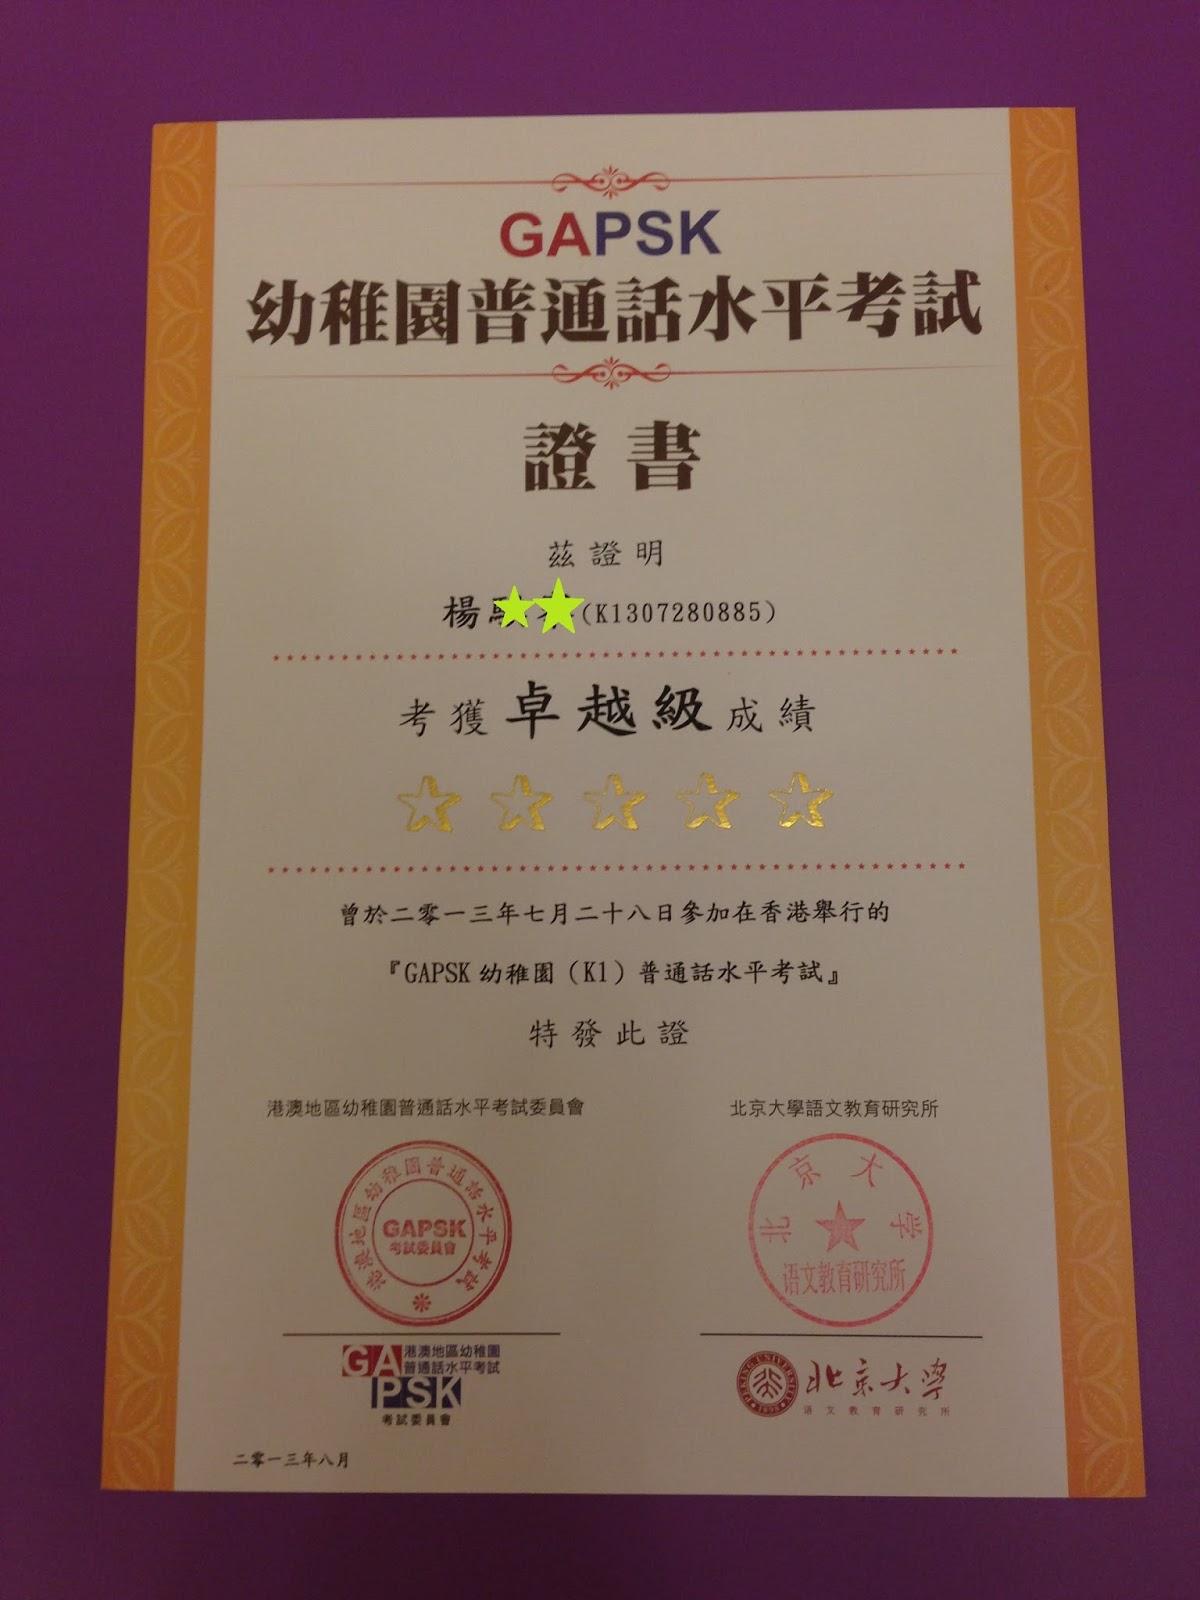 紅孩兒: 收到成績@GAPSK幼稚園(k1)普通話水平考試 (4y)